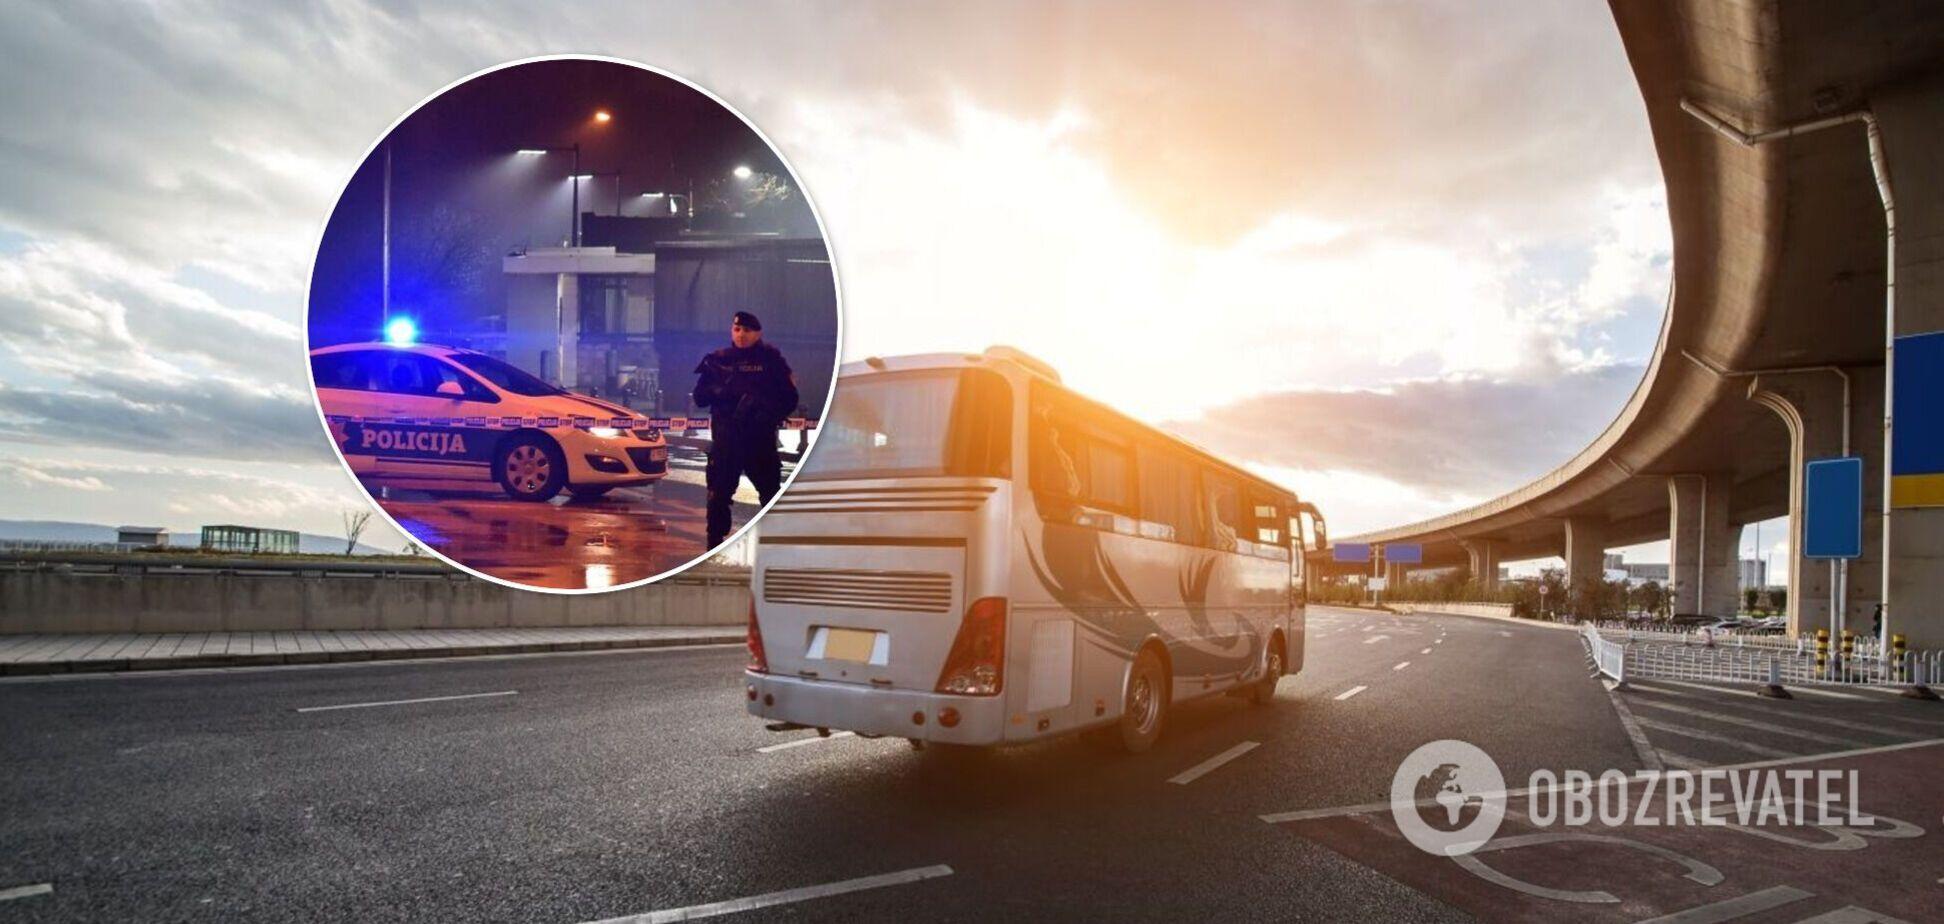 В Черногории автобус с украинцами задержали из-за фальшивых денег